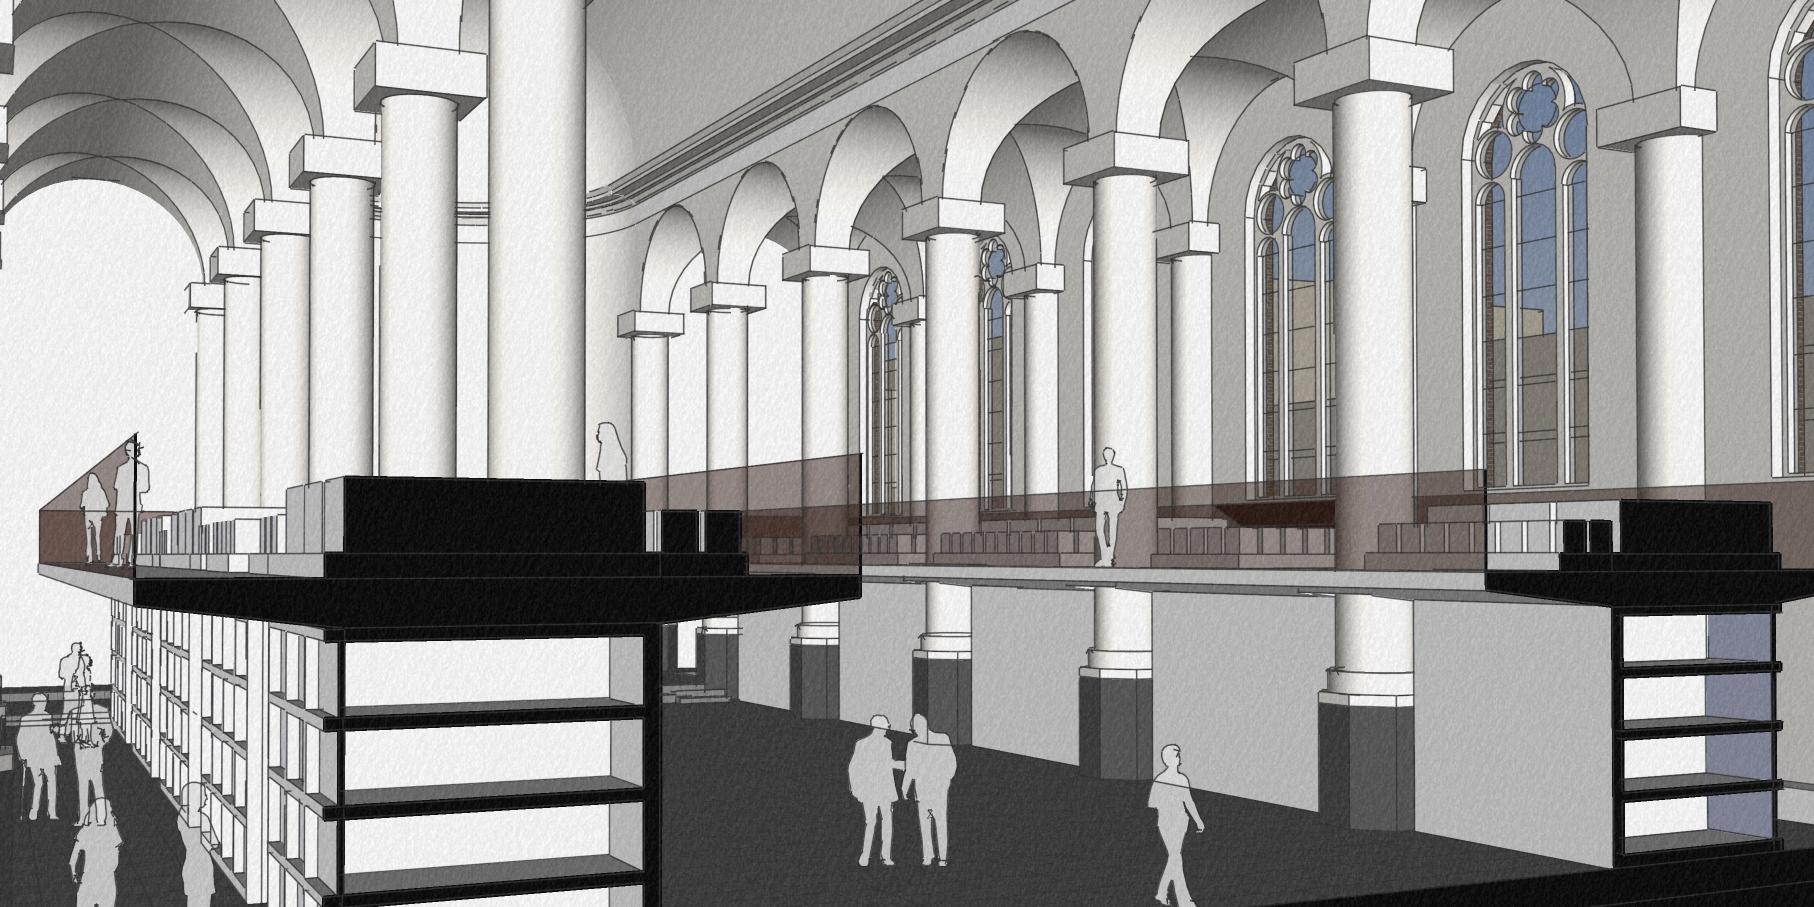 Herbestemming Havenkerk Schiedam   BEELEN CS architecten / Thallia groep Weert - Eindhoven